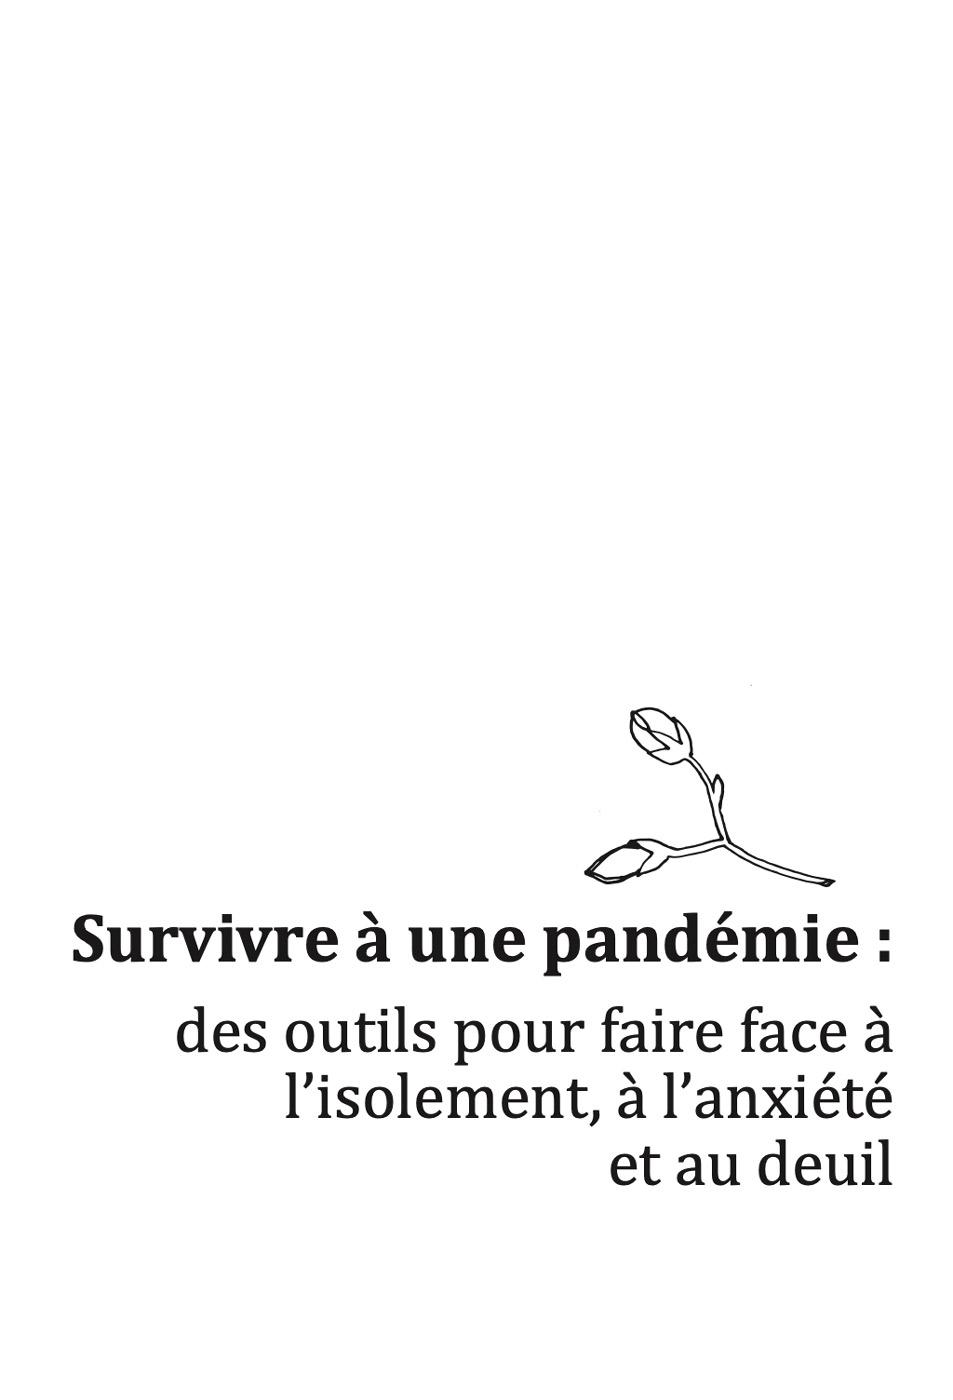 Photo of 'Survivre à une pandémie' front cover